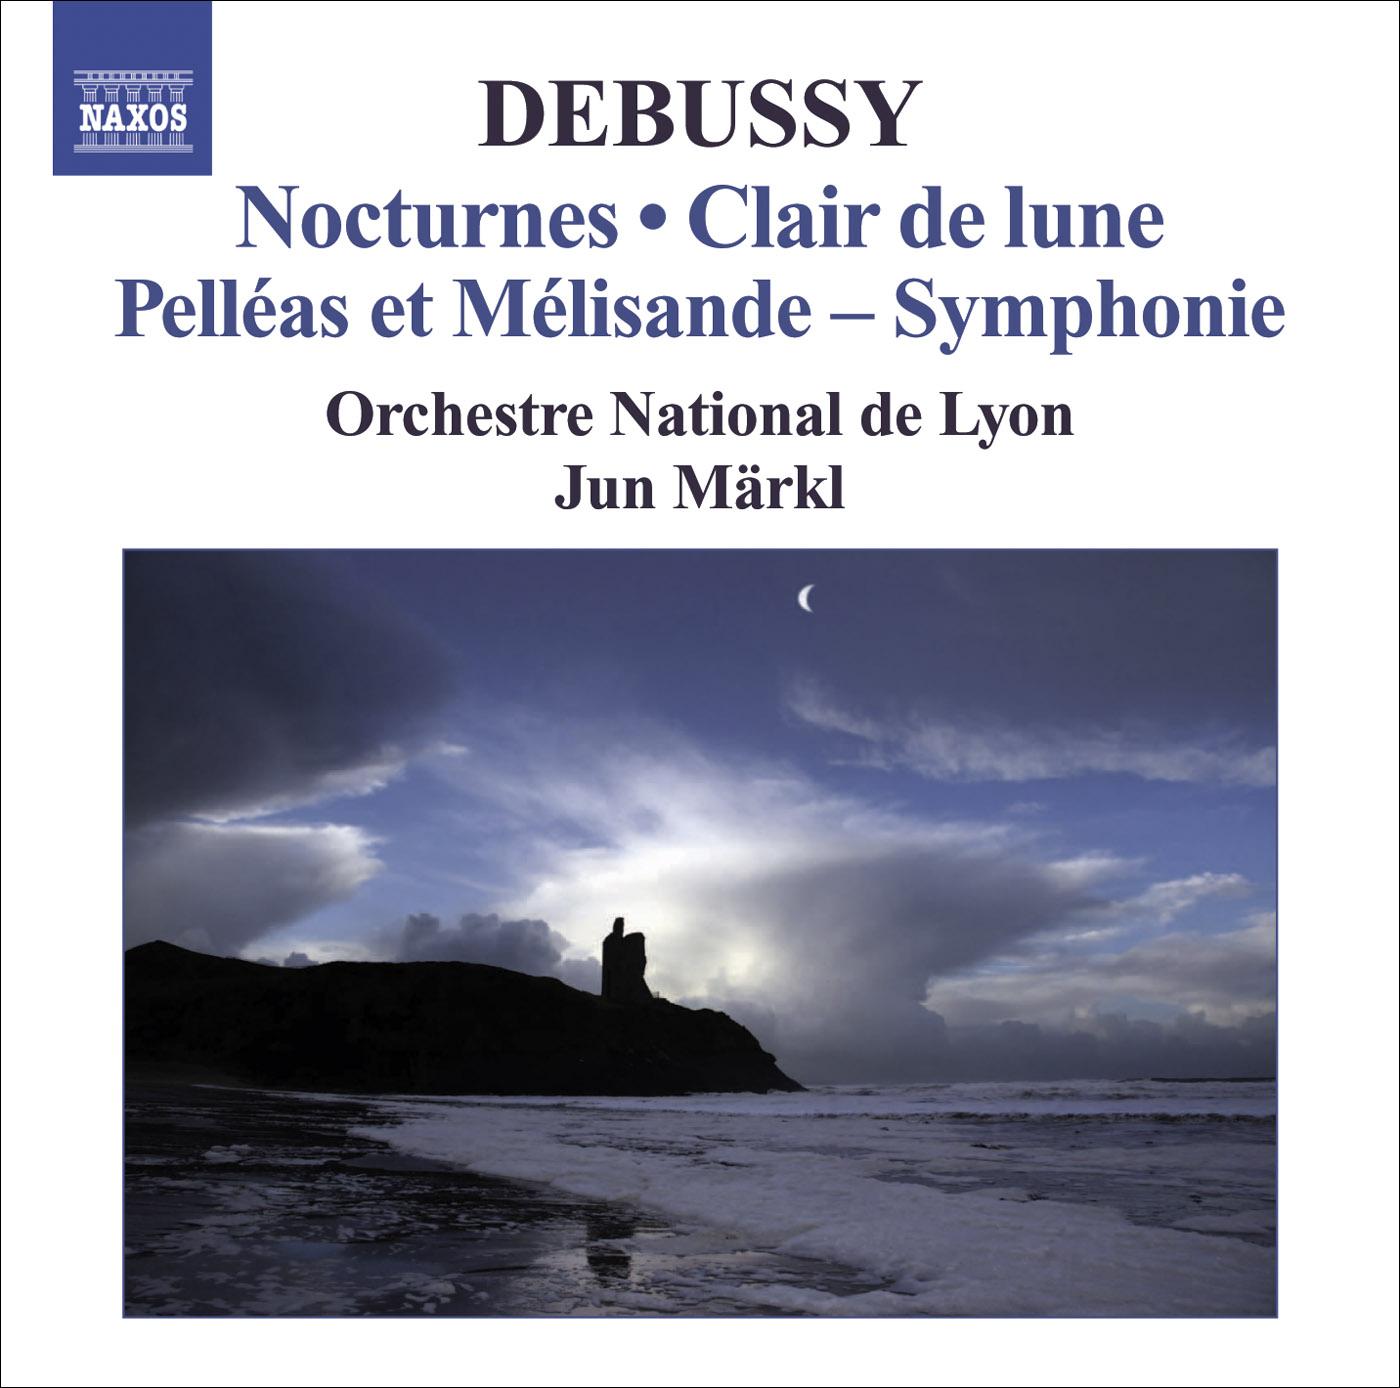 Jean-Yves Thibaudet Ravel: Les Concertos Pour Piano Etc.